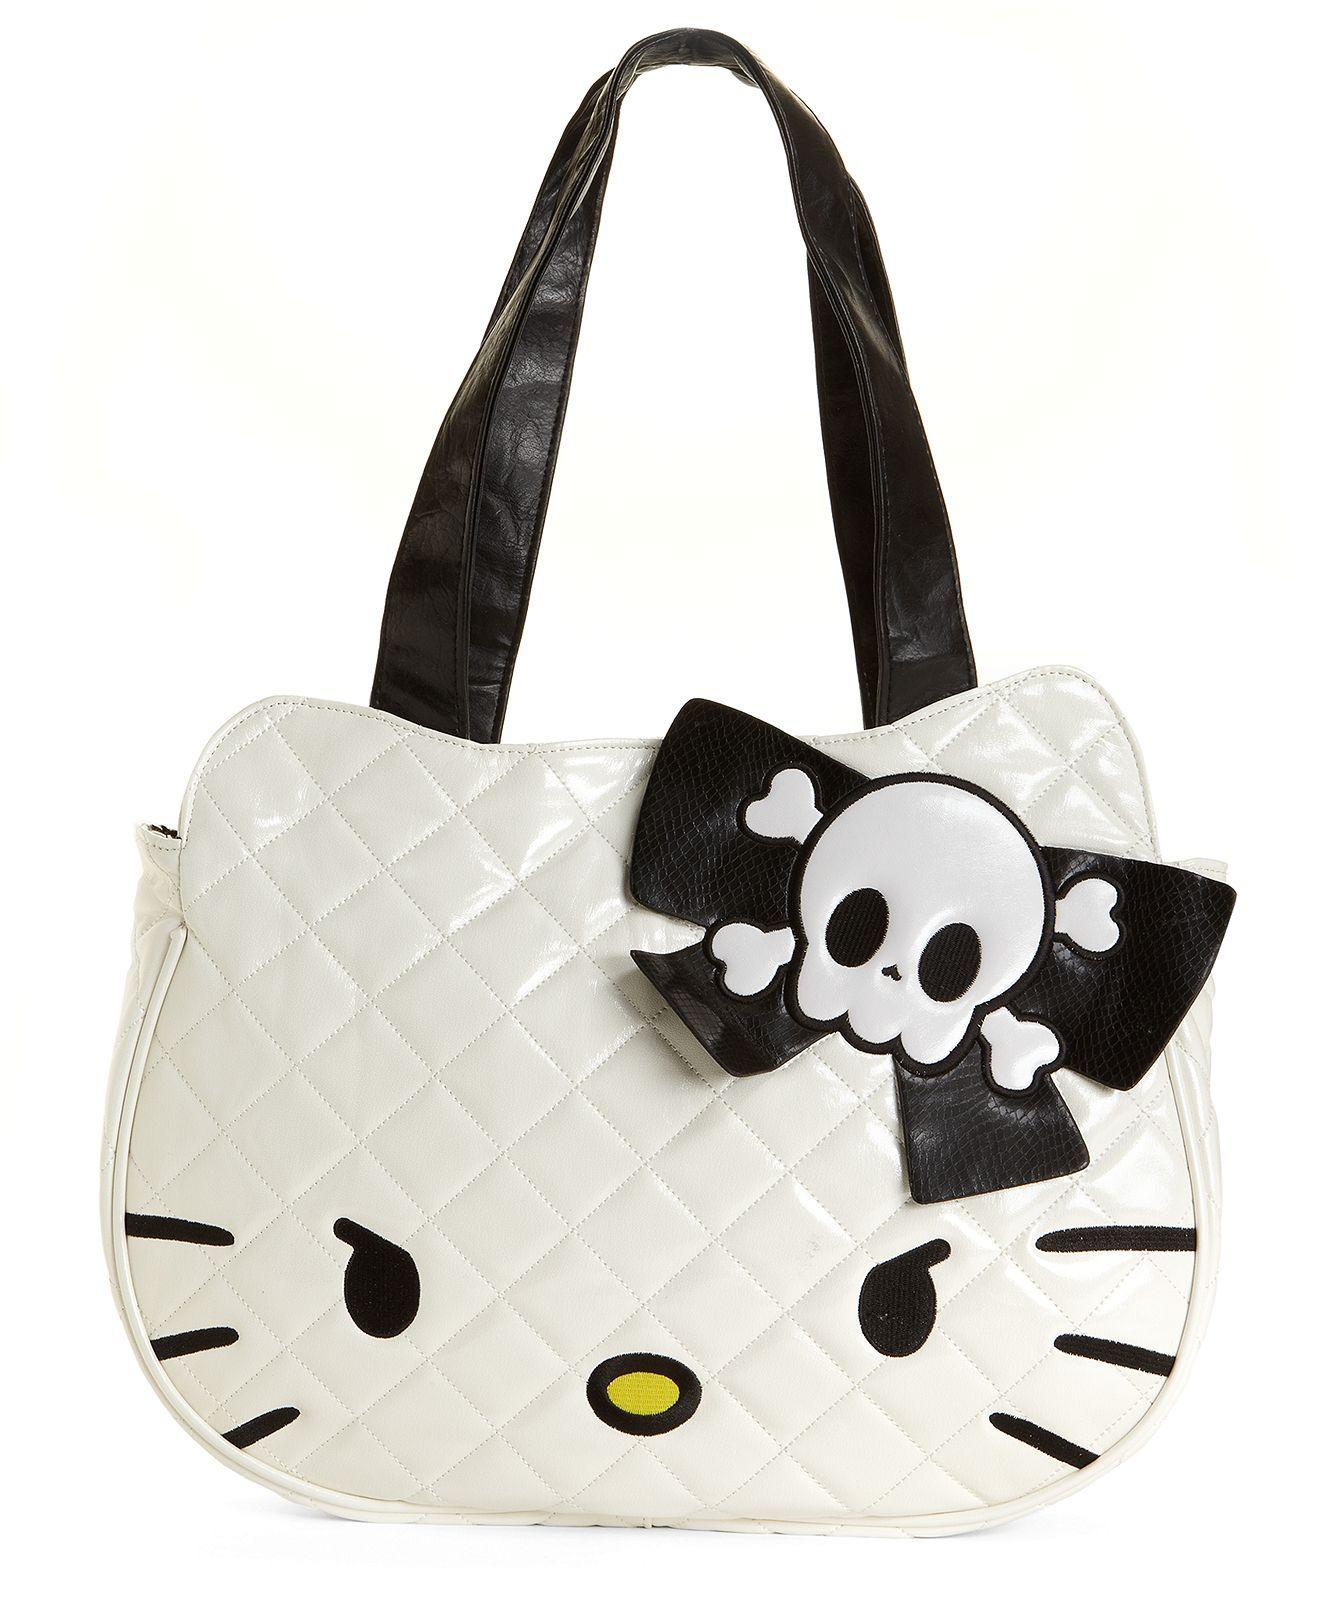 Hello kitty handbag mega kitty face tote in mad kitty my handbag obsession hello kitty - Coloriage hello kitty tete ...